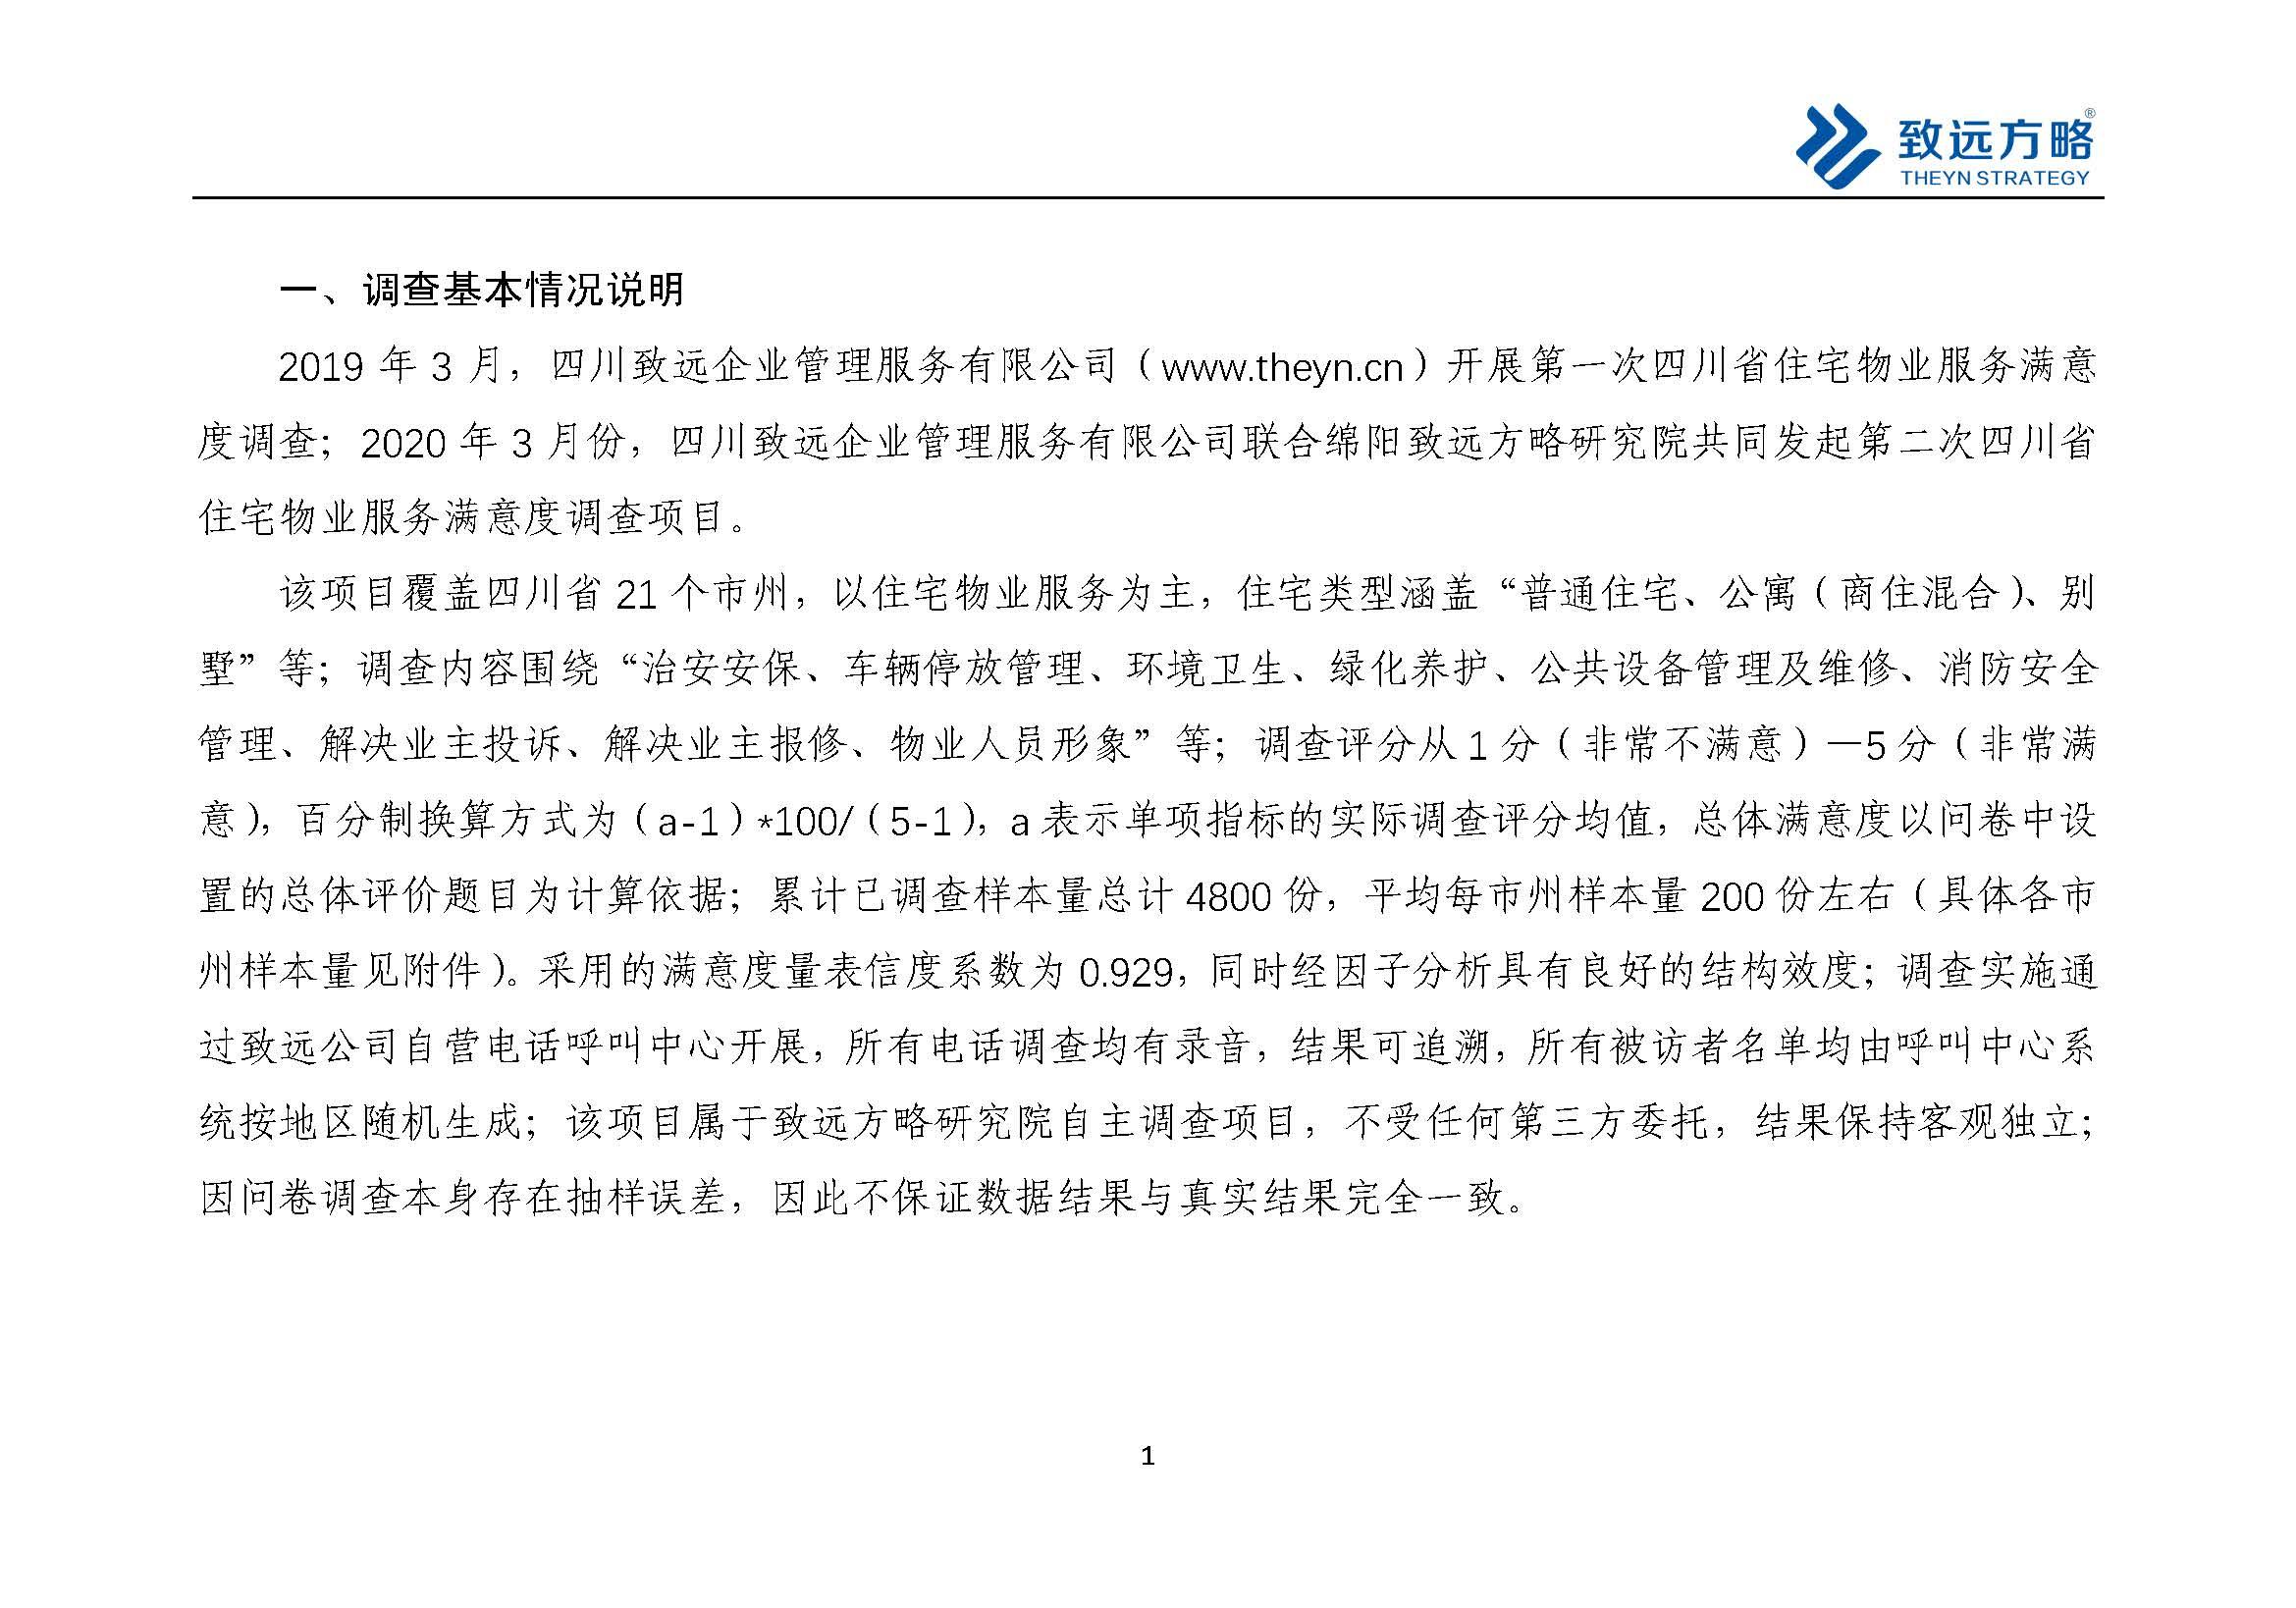 新建文件夹-2020疫情期间四川物业满意度暨物业满意度指数跟踪调查报告_页面_2